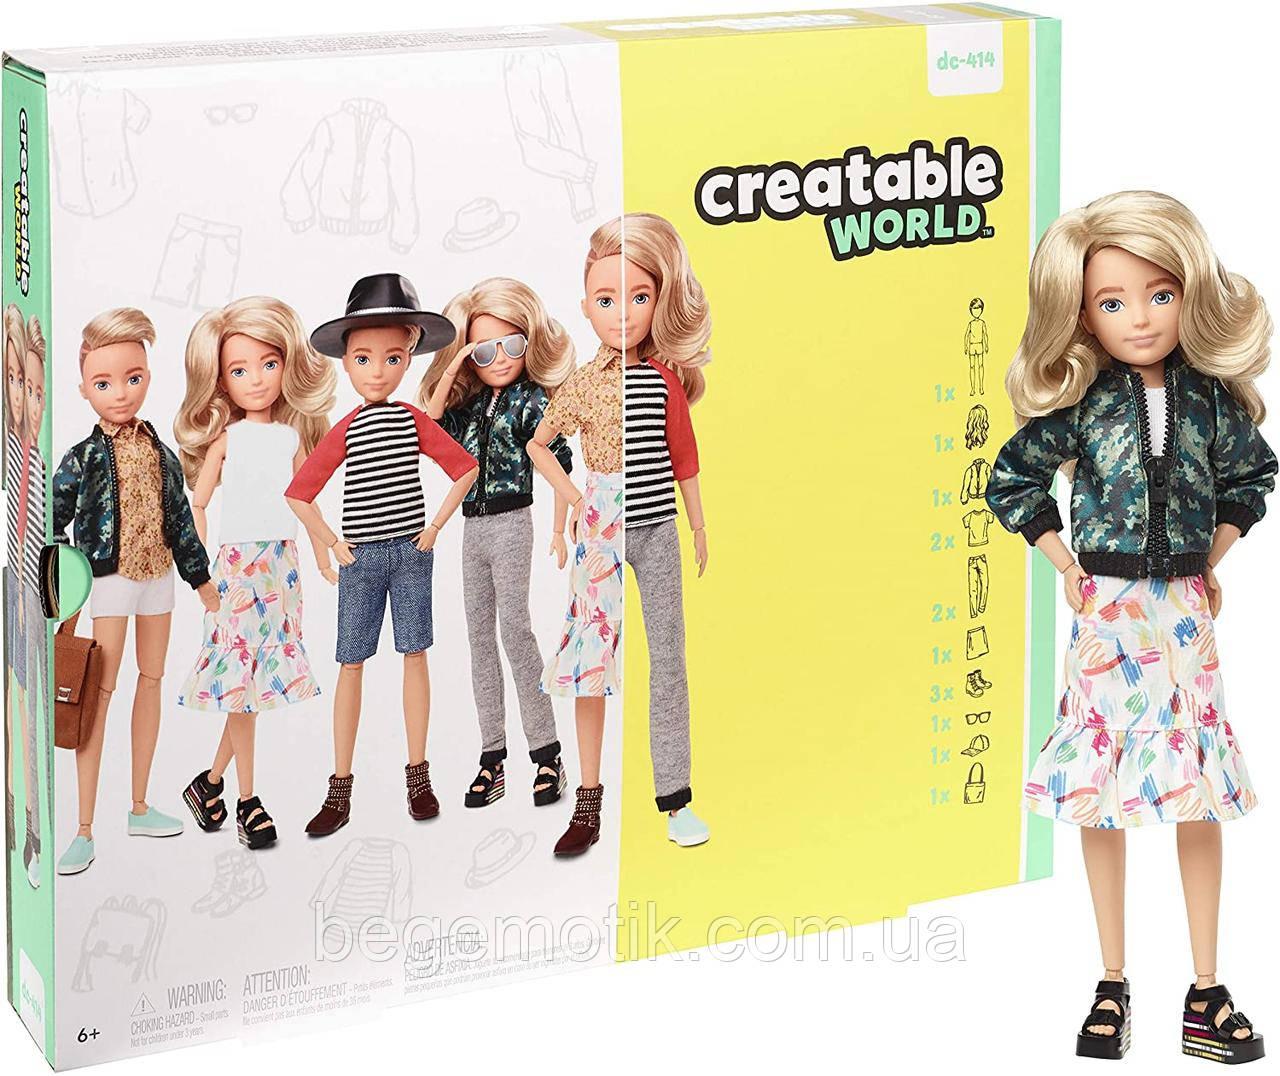 Игровой набор Кукла с аксессуарами Созидаемый мир, светлые вьющиеся волосы Creatable World Deluxe Character